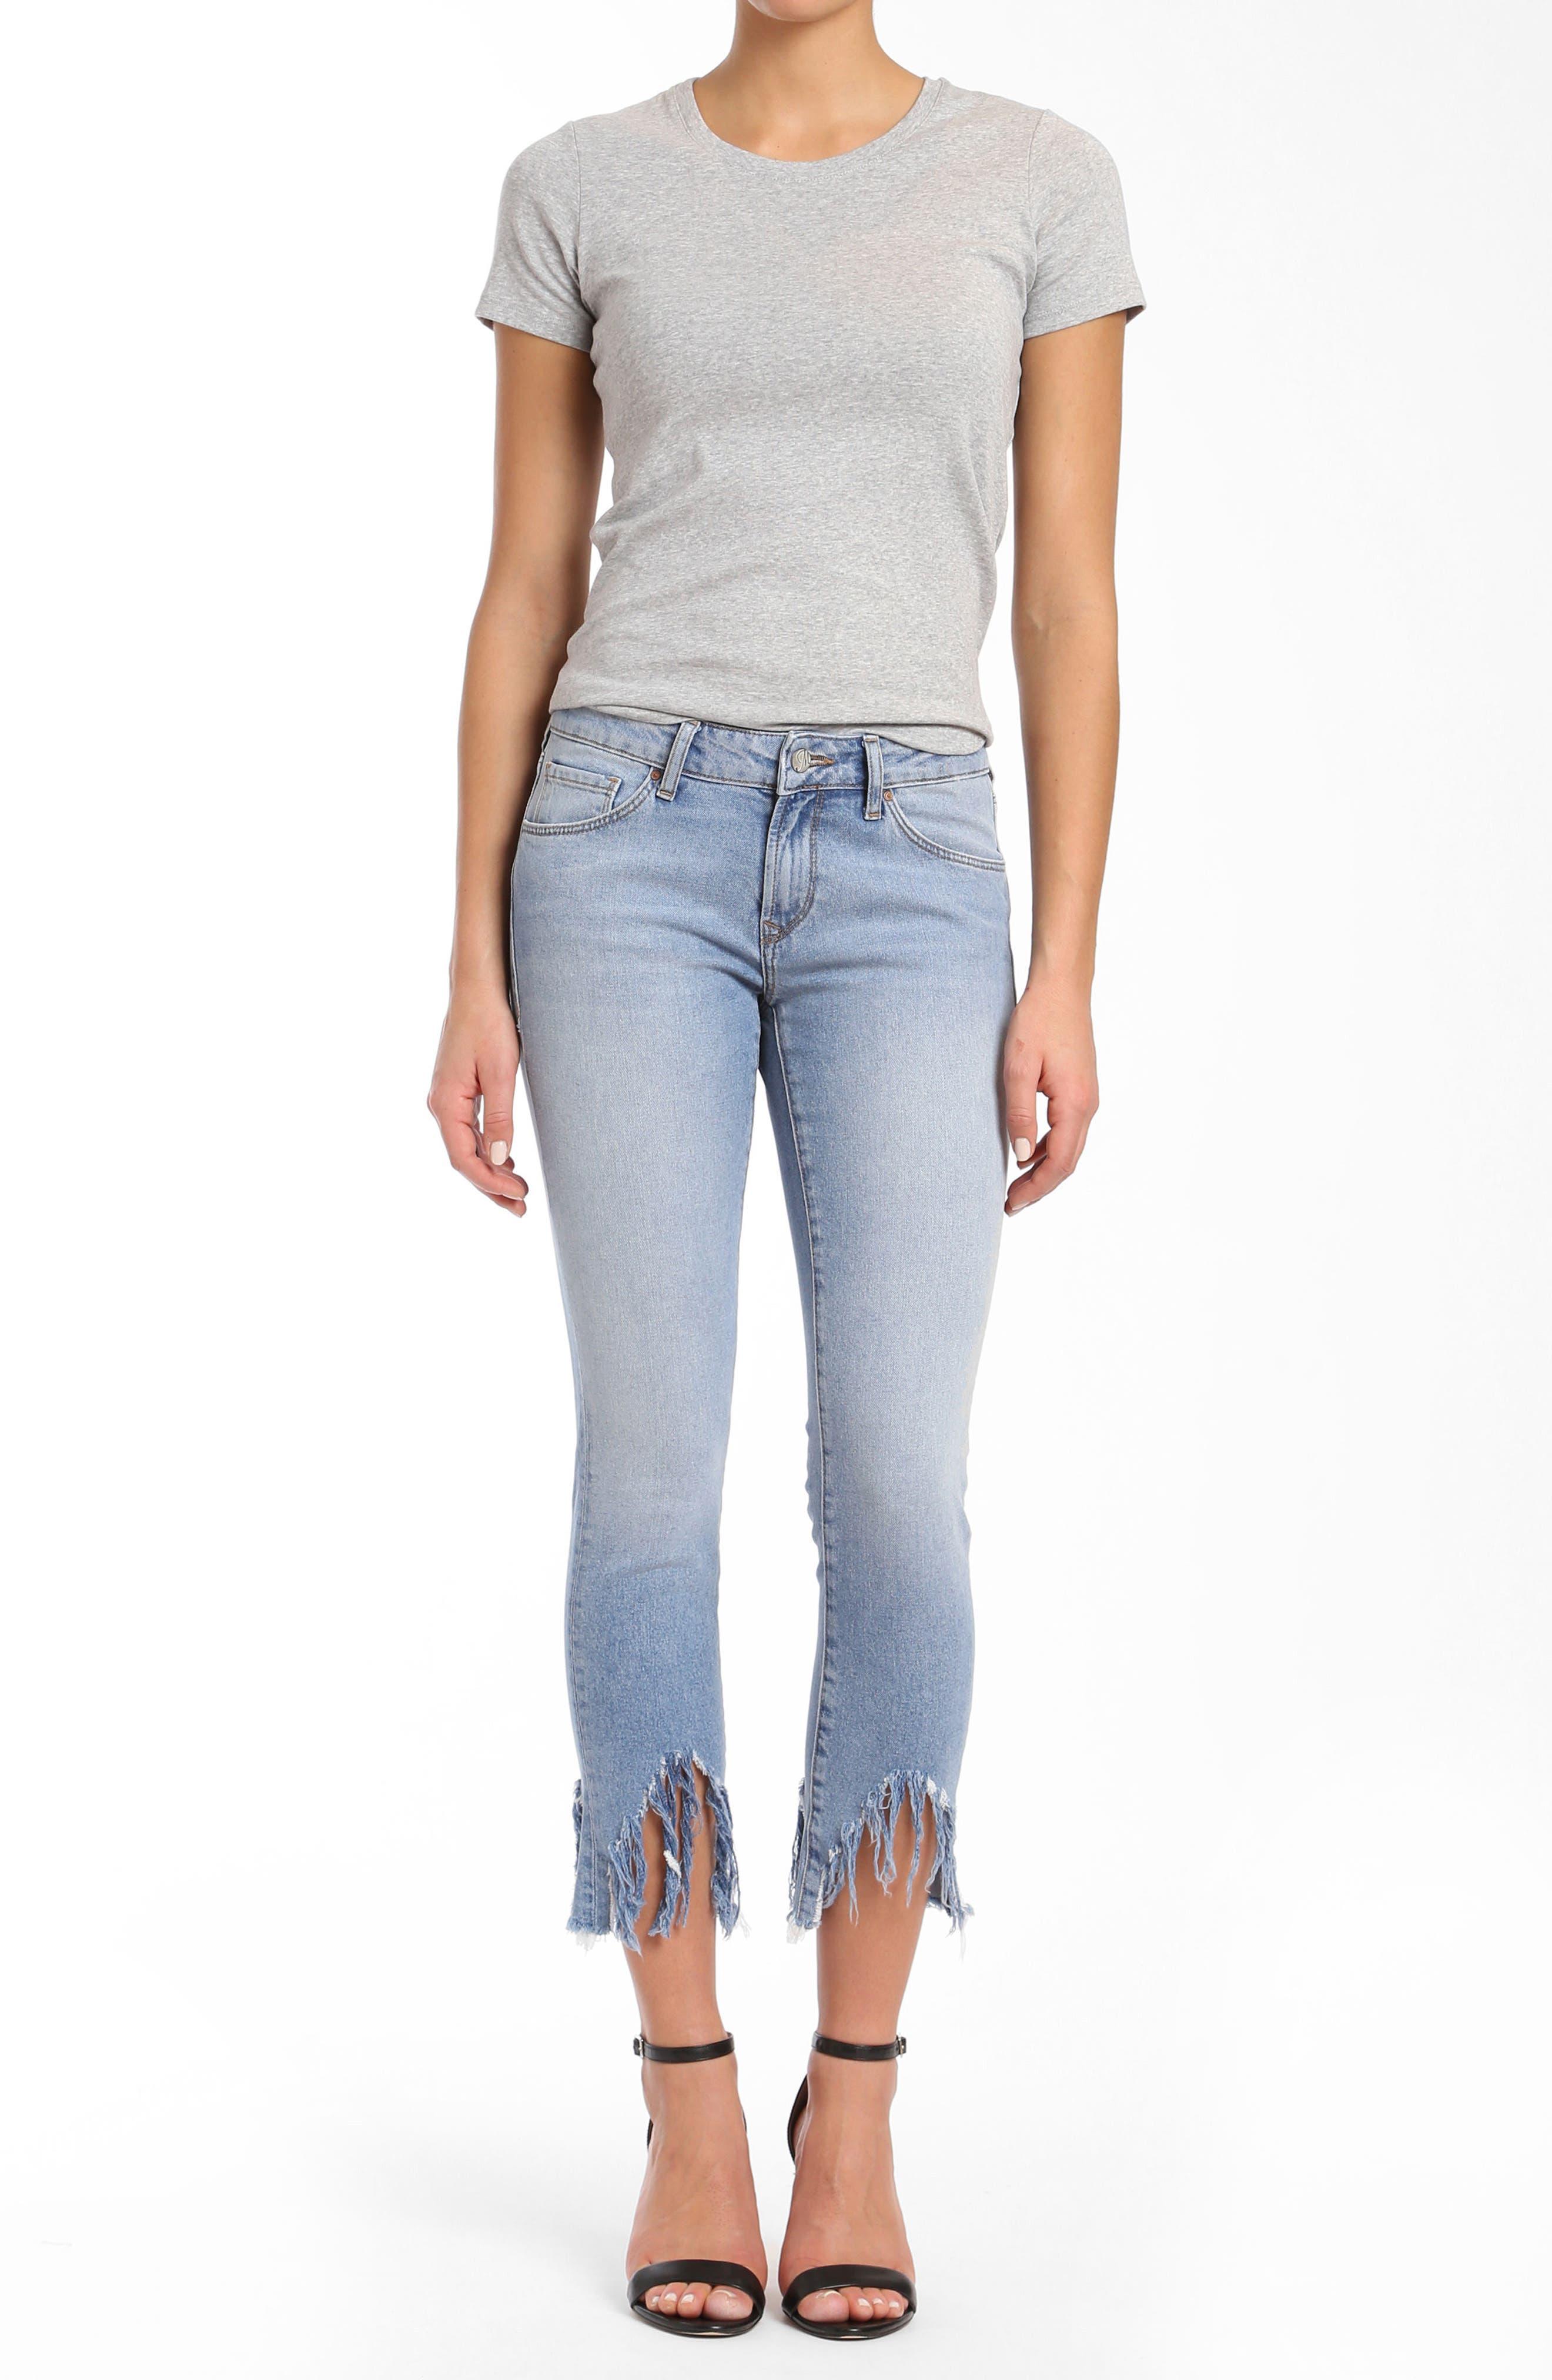 MAVI JEANS, Adriana Sharkbite Fringe Super Skinny Jeans, Alternate thumbnail 5, color, LIGHT FRINGE 90S